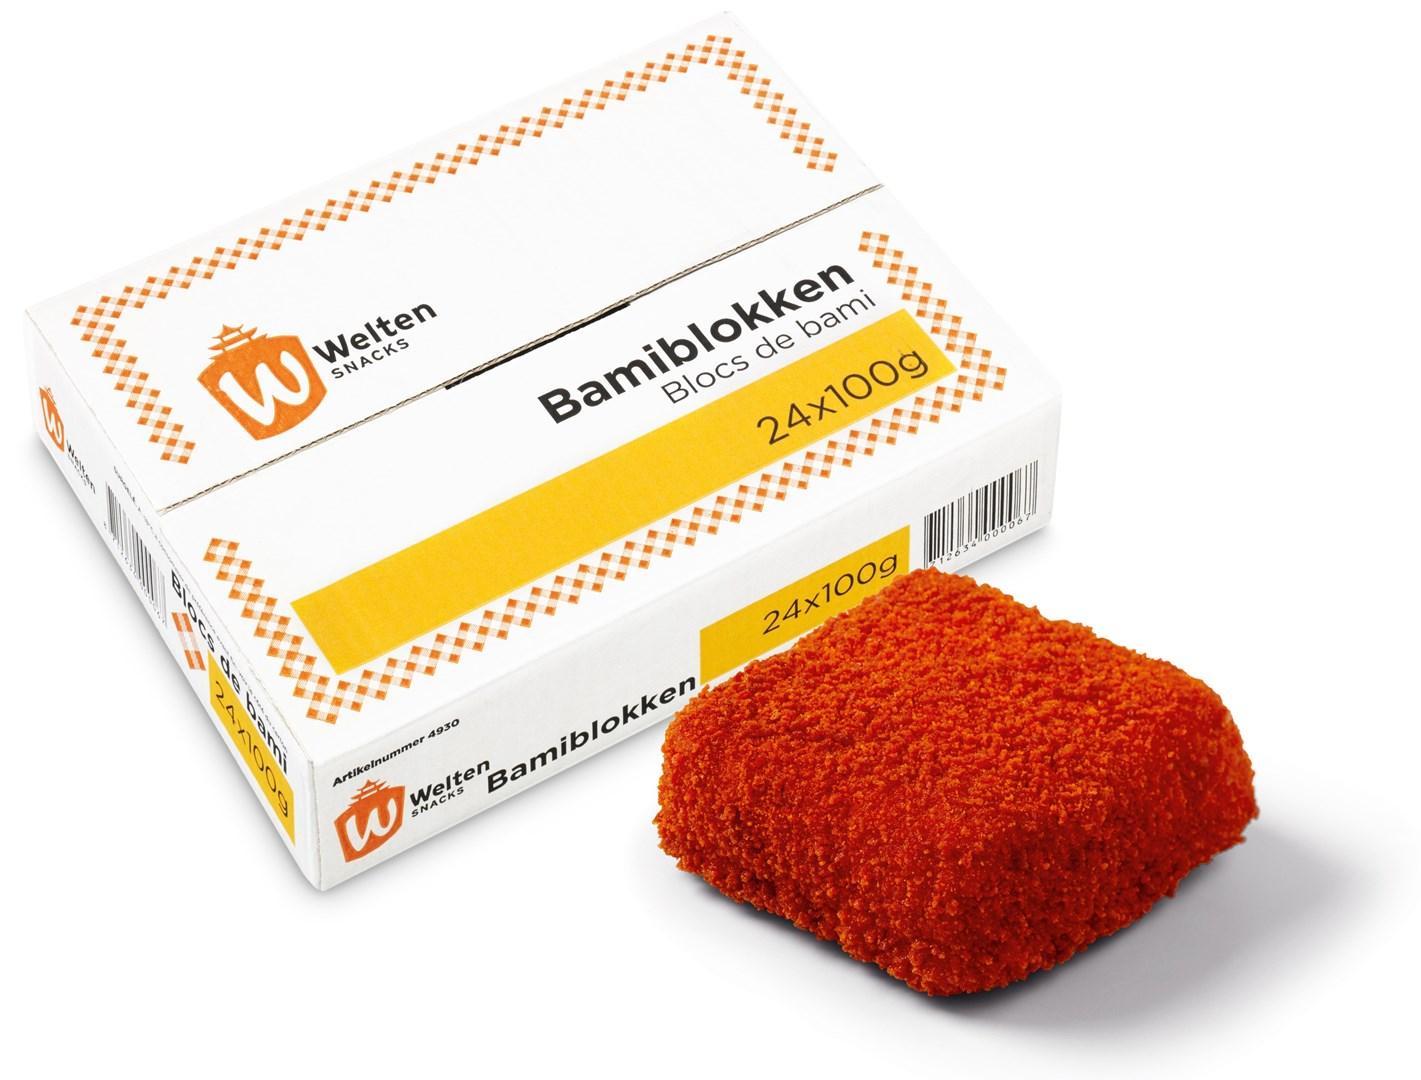 Productafbeelding Welten Snacks Bami Blokken 24 x 100 gram